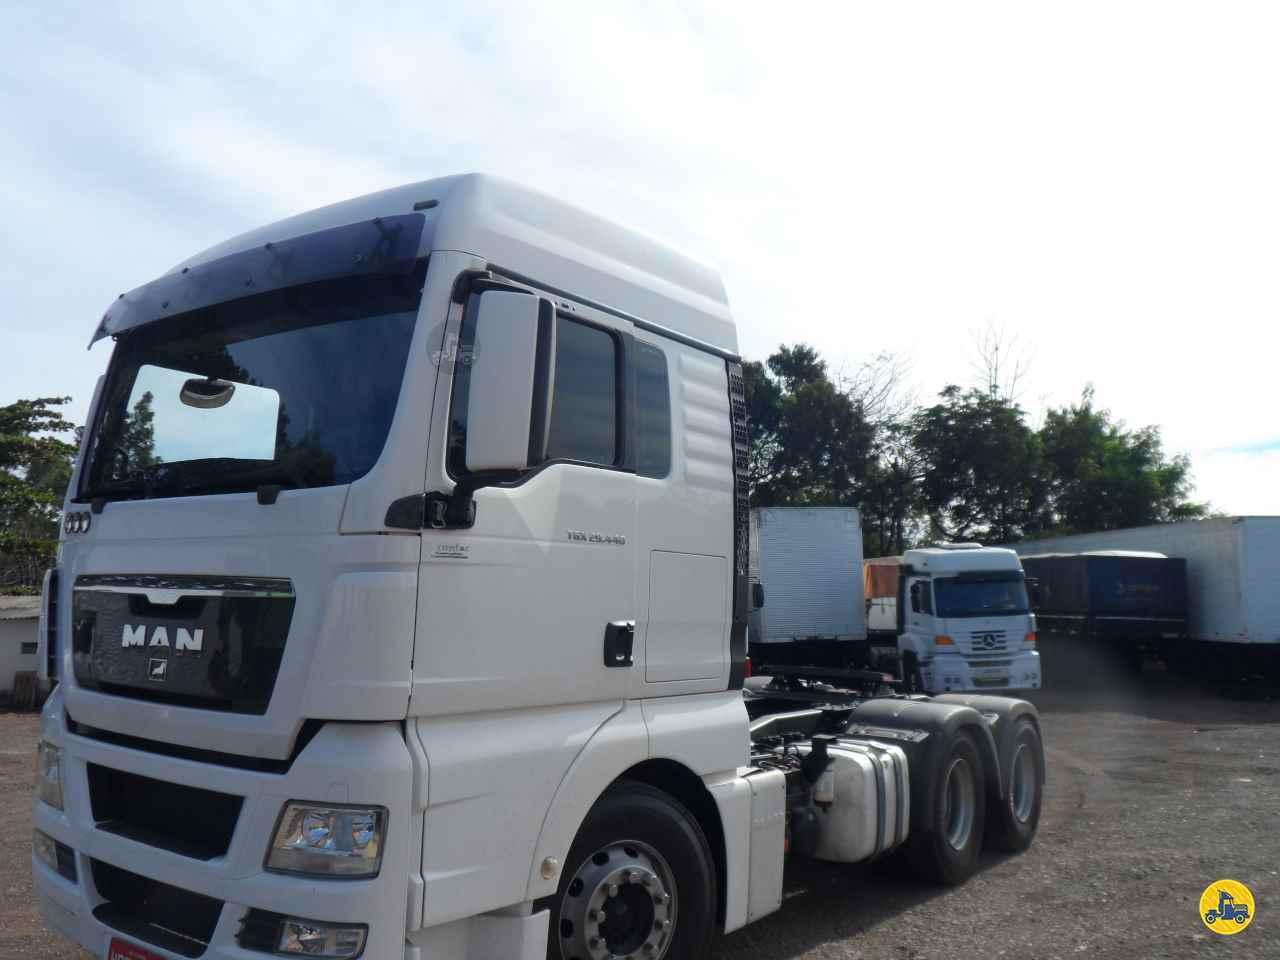 CAMINHAO MAN TGX 29 440 Cavalo Mecânico Traçado 6x4 Maracavel Londrina Caminhões LONDRINA PARANÁ PR